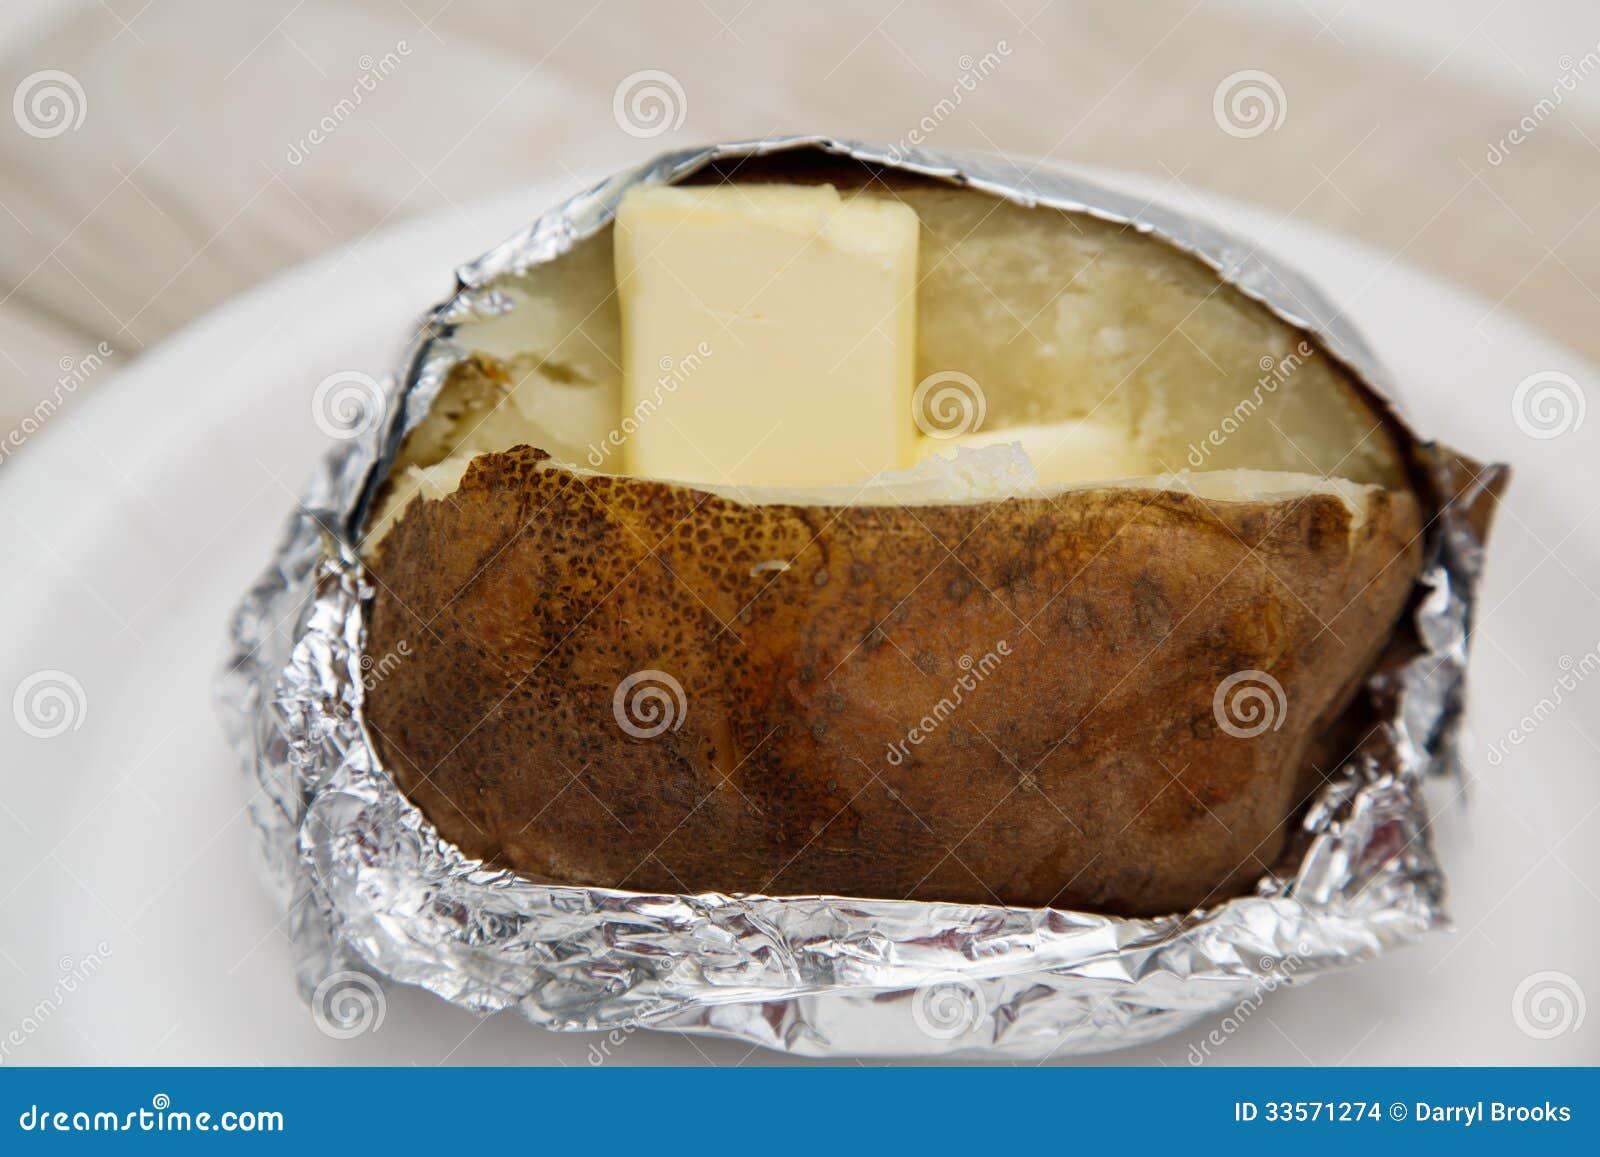 Pomme de terre cuite au four dans l 39 aluminium avec du - Butter pomme de terre ...